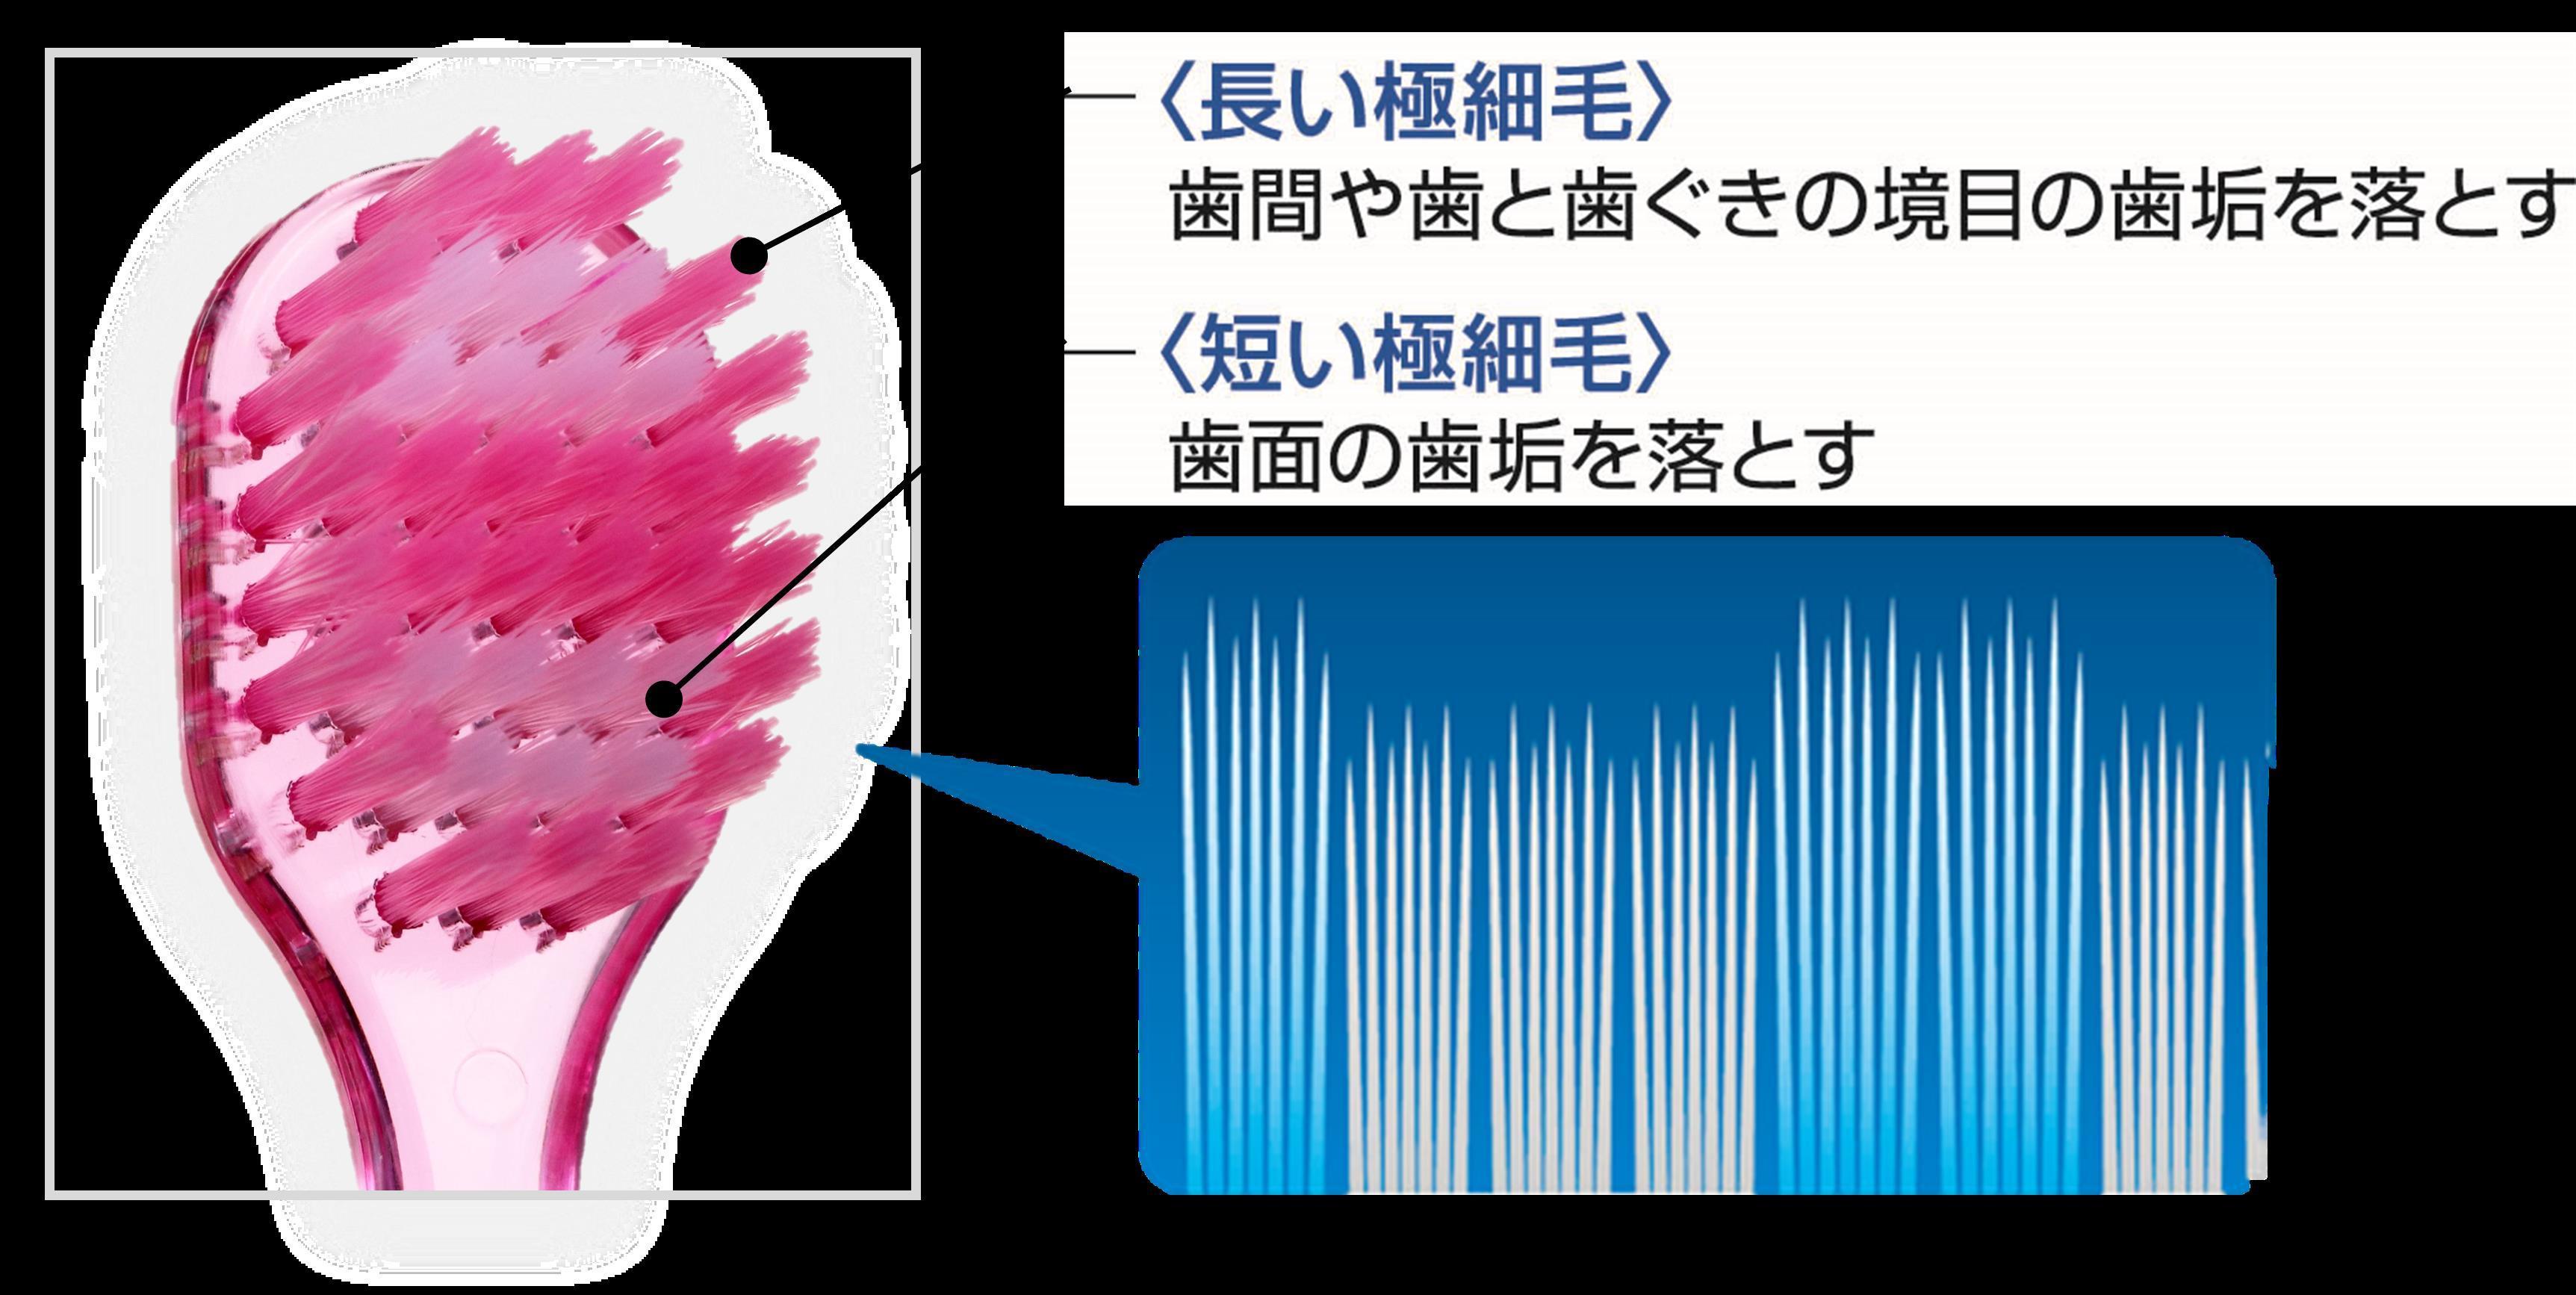 https://www.atpress.ne.jp/releases/121578/img_121578_4.jpg